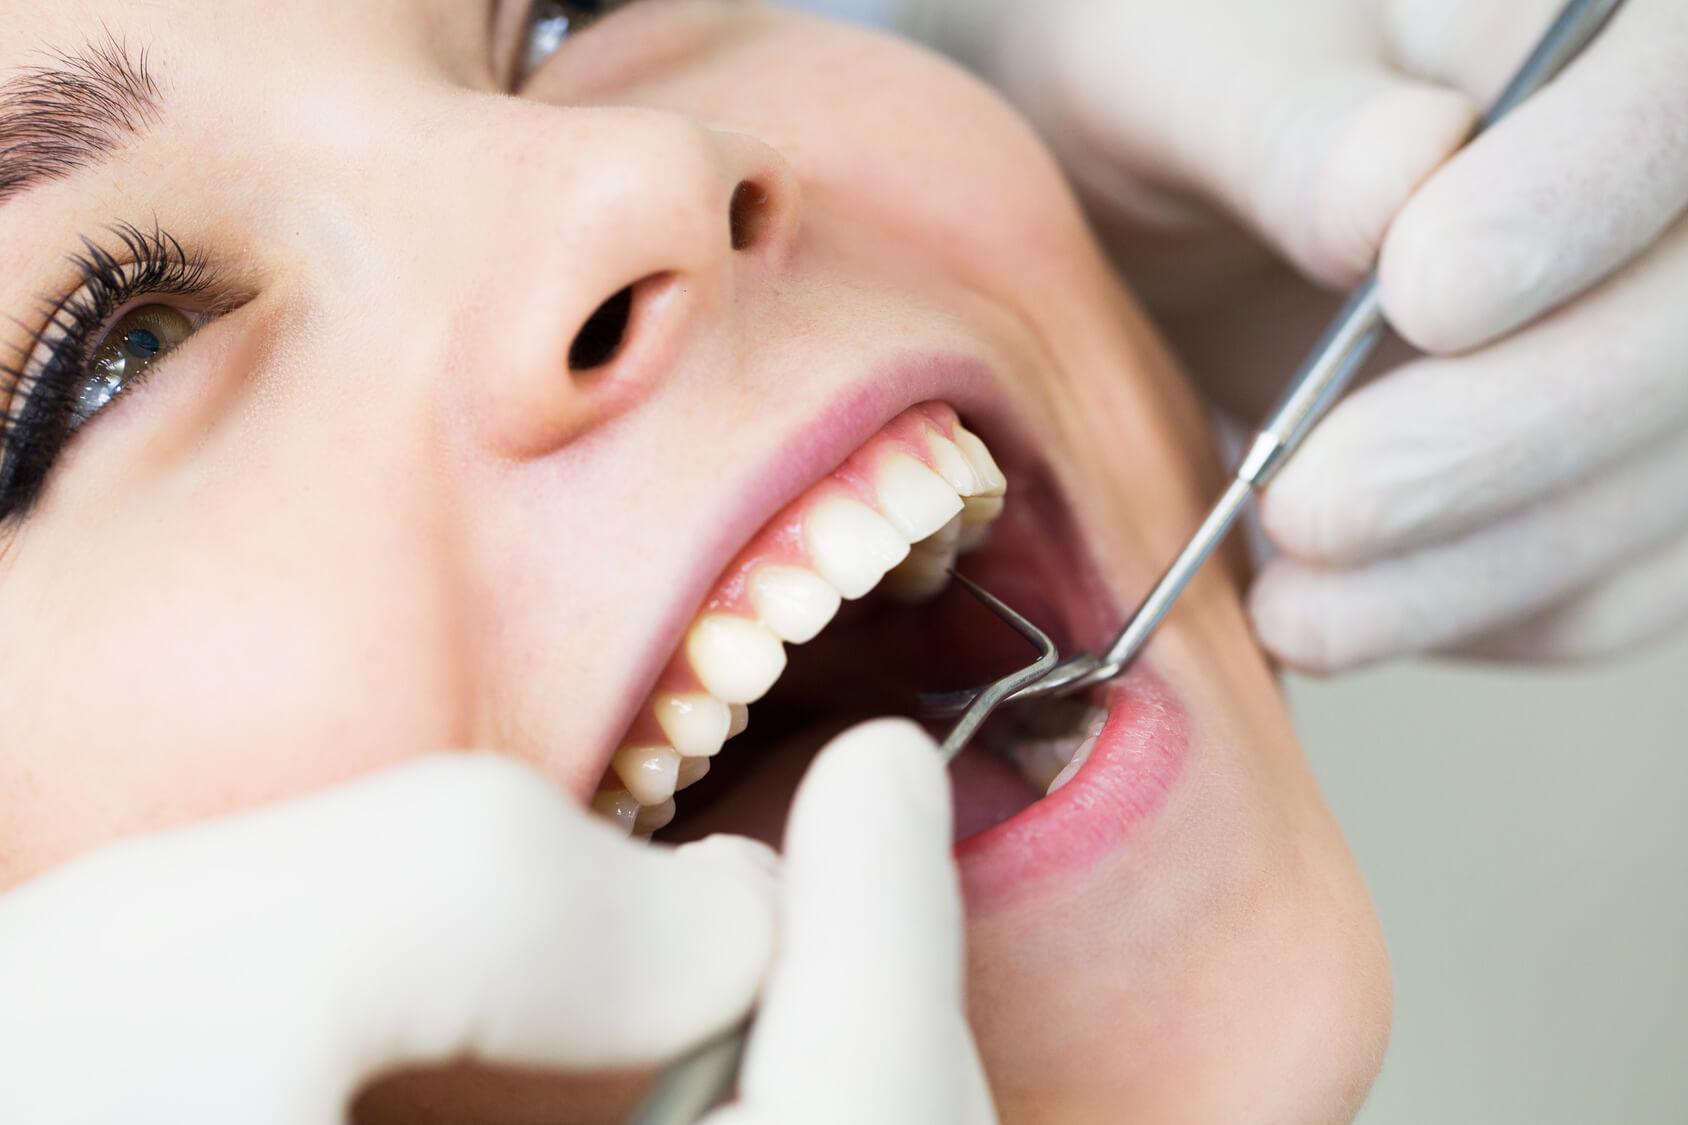 Gegen zahnfleisch drückt weisheitszahn Zahnfleischentzündung am